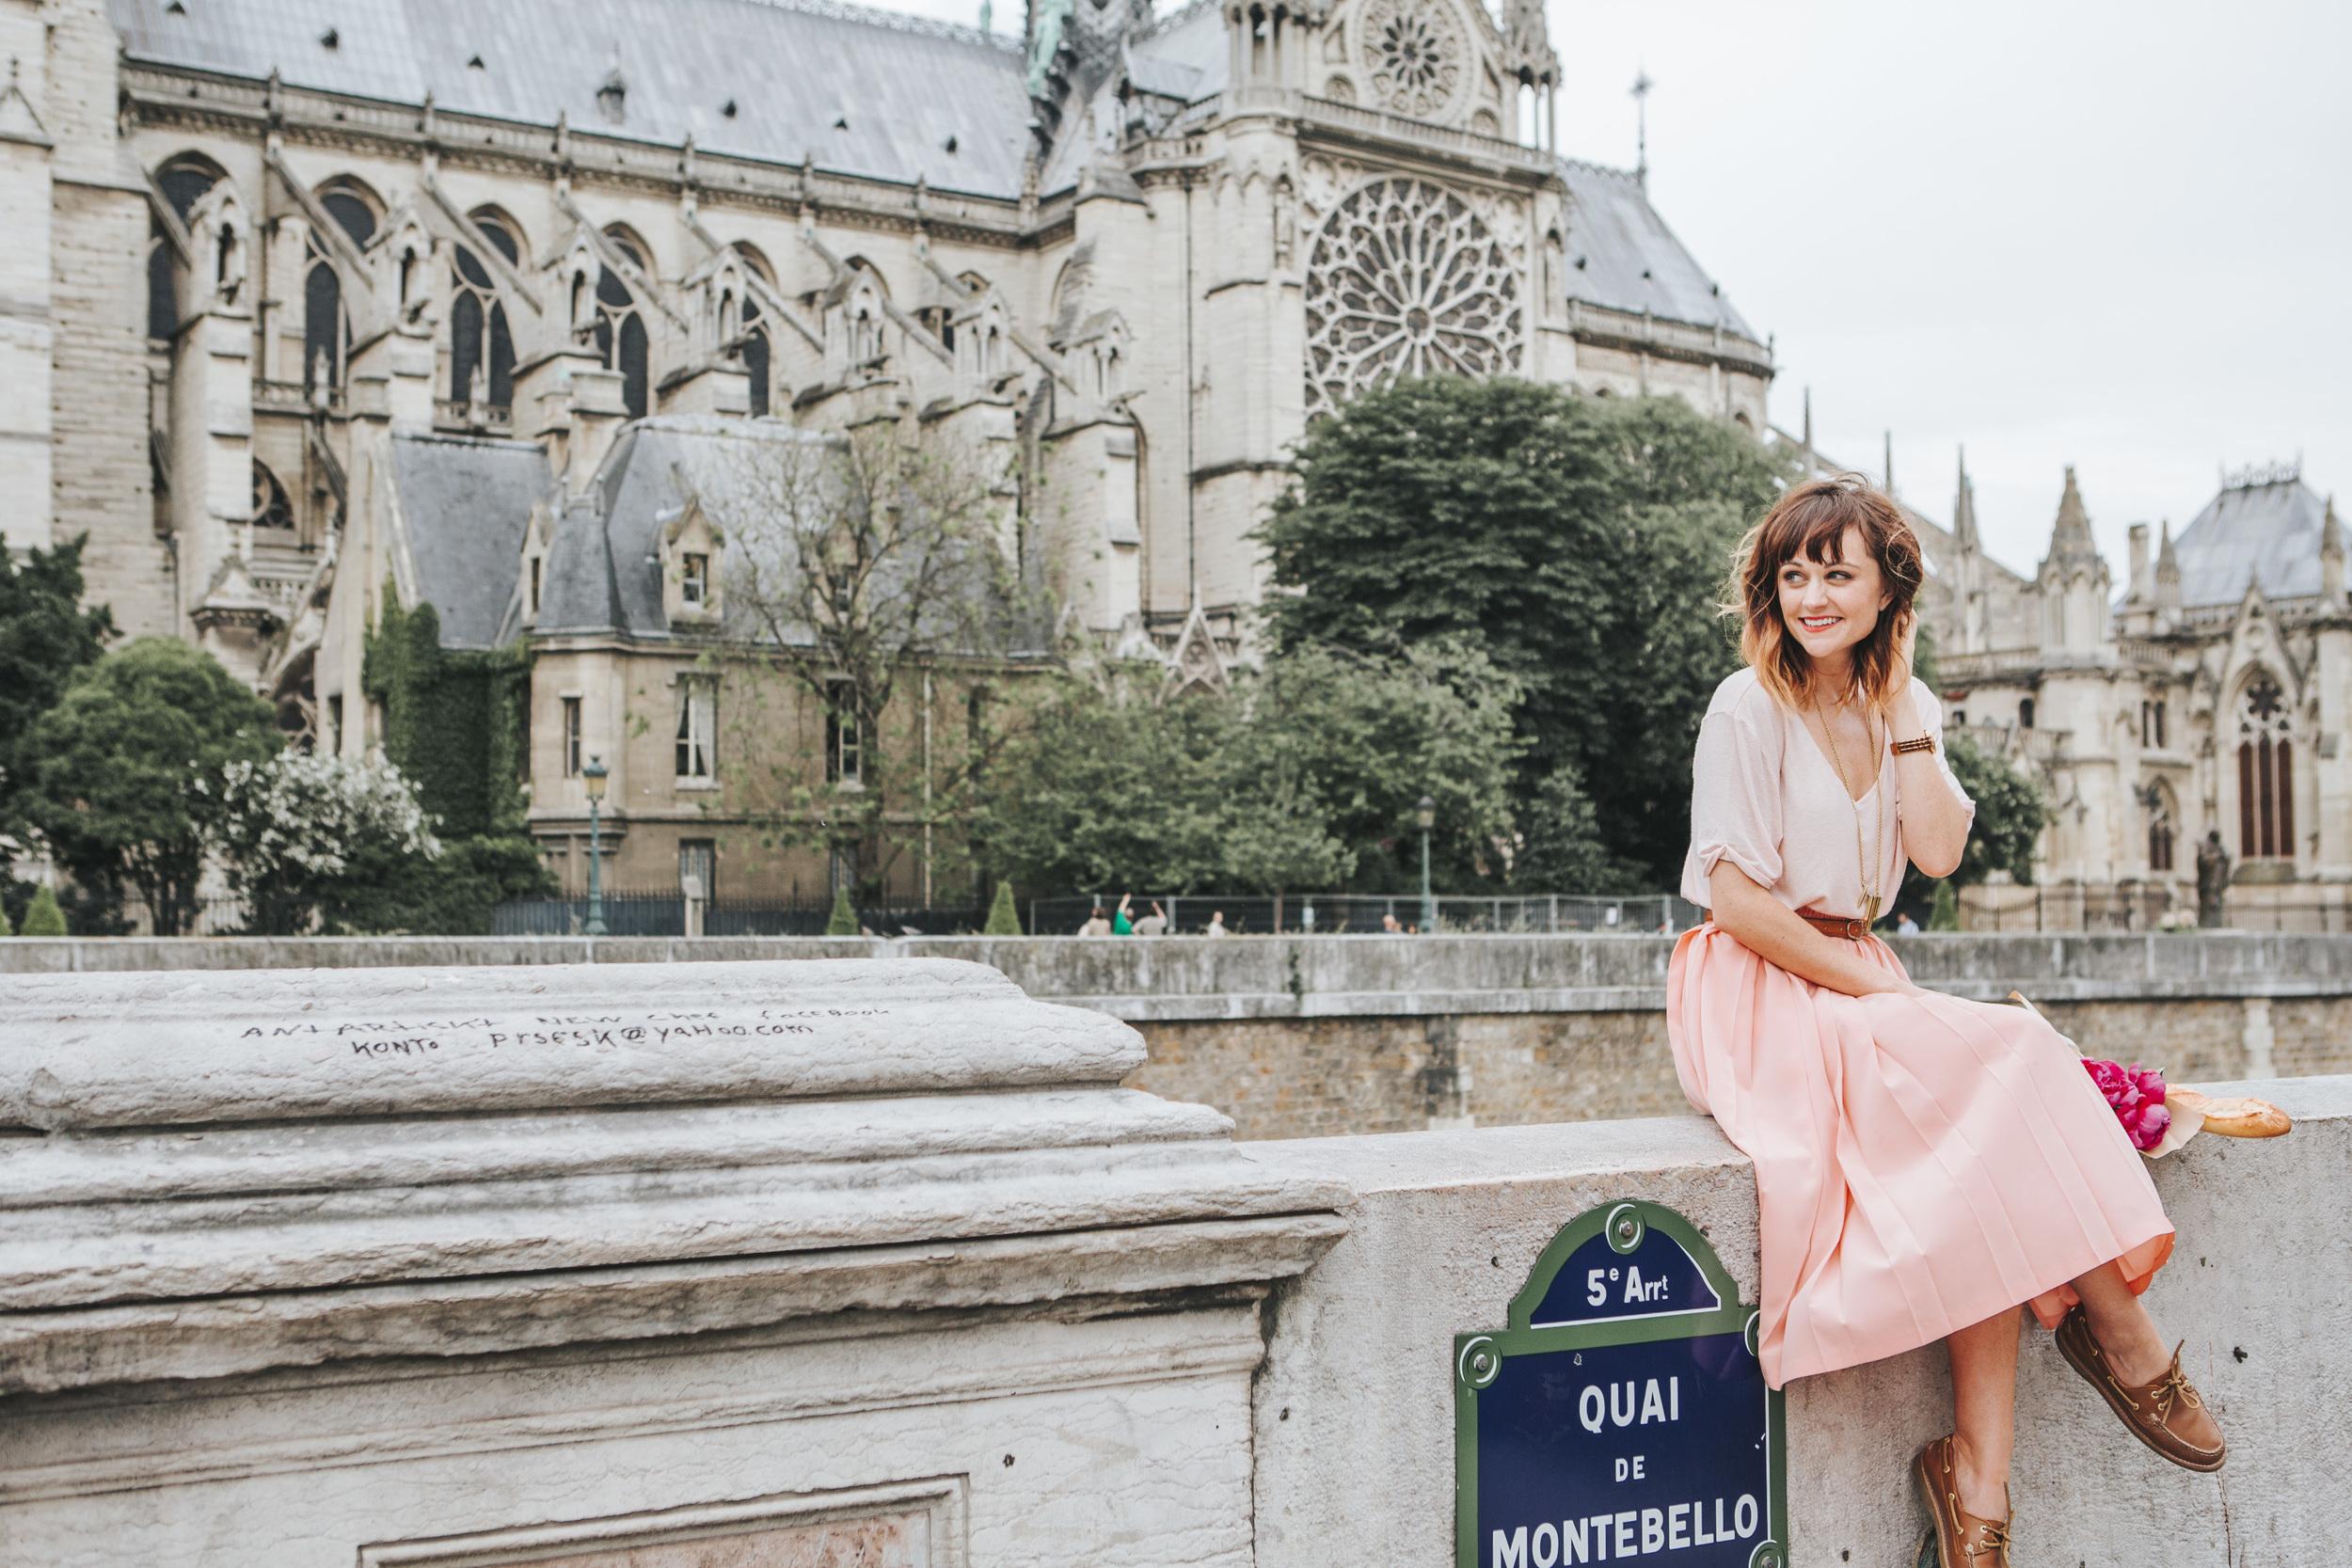 paris photographer fashion blogger lifestyle portrait by notre dame